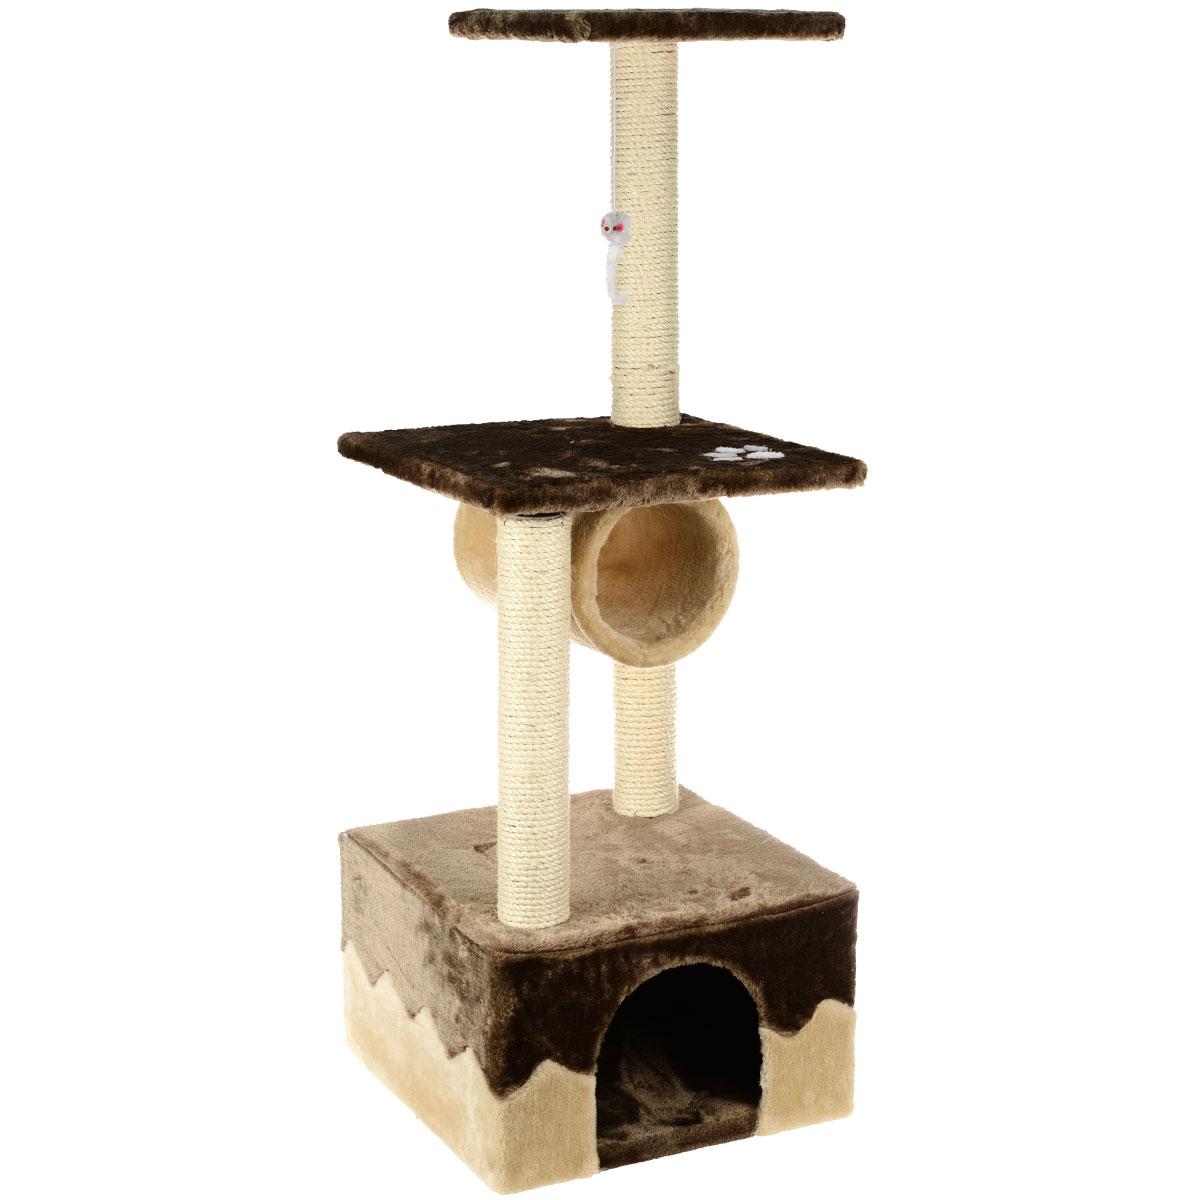 Домик-когтеточка I.P.T.S. Juva, 40 см х 40 см х 109 см16457Домик-когтеточка I.P.T.S. Juva выполнен из высококачественного ДСП, обтянут мягким плюшем и предназначен для активных кошек. Когтеточка состоит из трех уровней. Целый дом будет в распоряжении у вашей кошки. Разные уровни высоты, когтеточка, место для отдыха в игровом комплексе позволят кошке резвится и точить коготки.